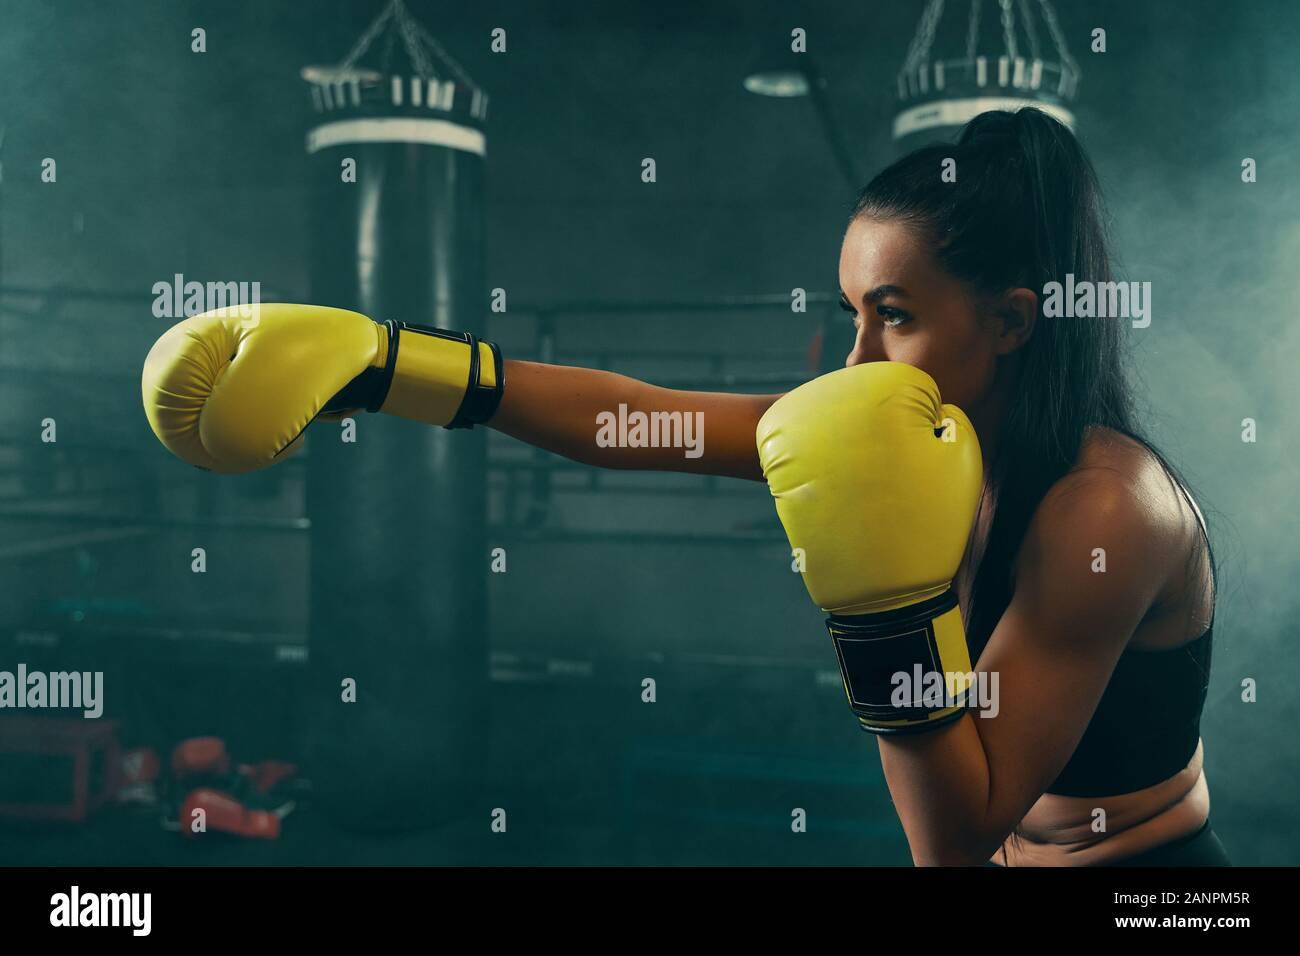 Acción de disparo joven mujer atlética entrenamiento con saco de boxeo llevaba guantes de boxeo amarillo Foto de stock